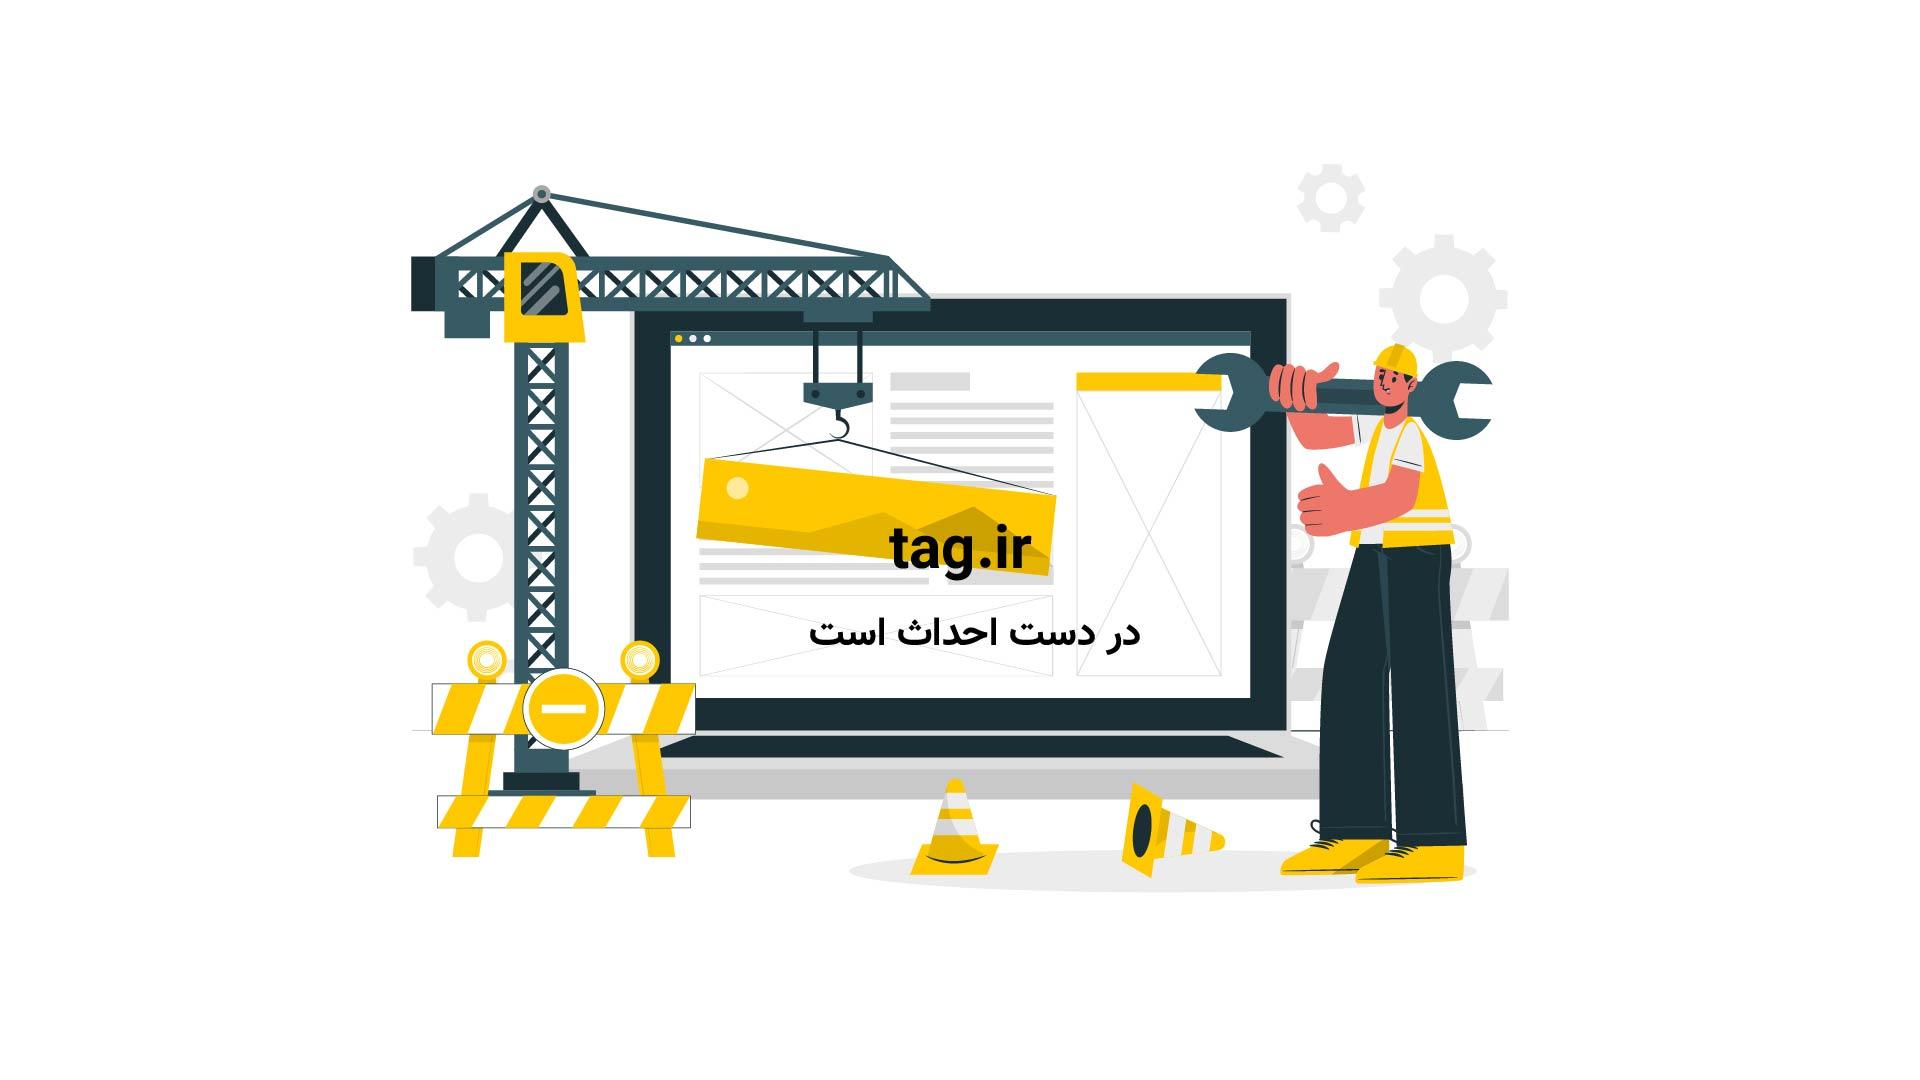 آثار باستانی ایران در موزه متروپولیتین نیویورک | فیلم